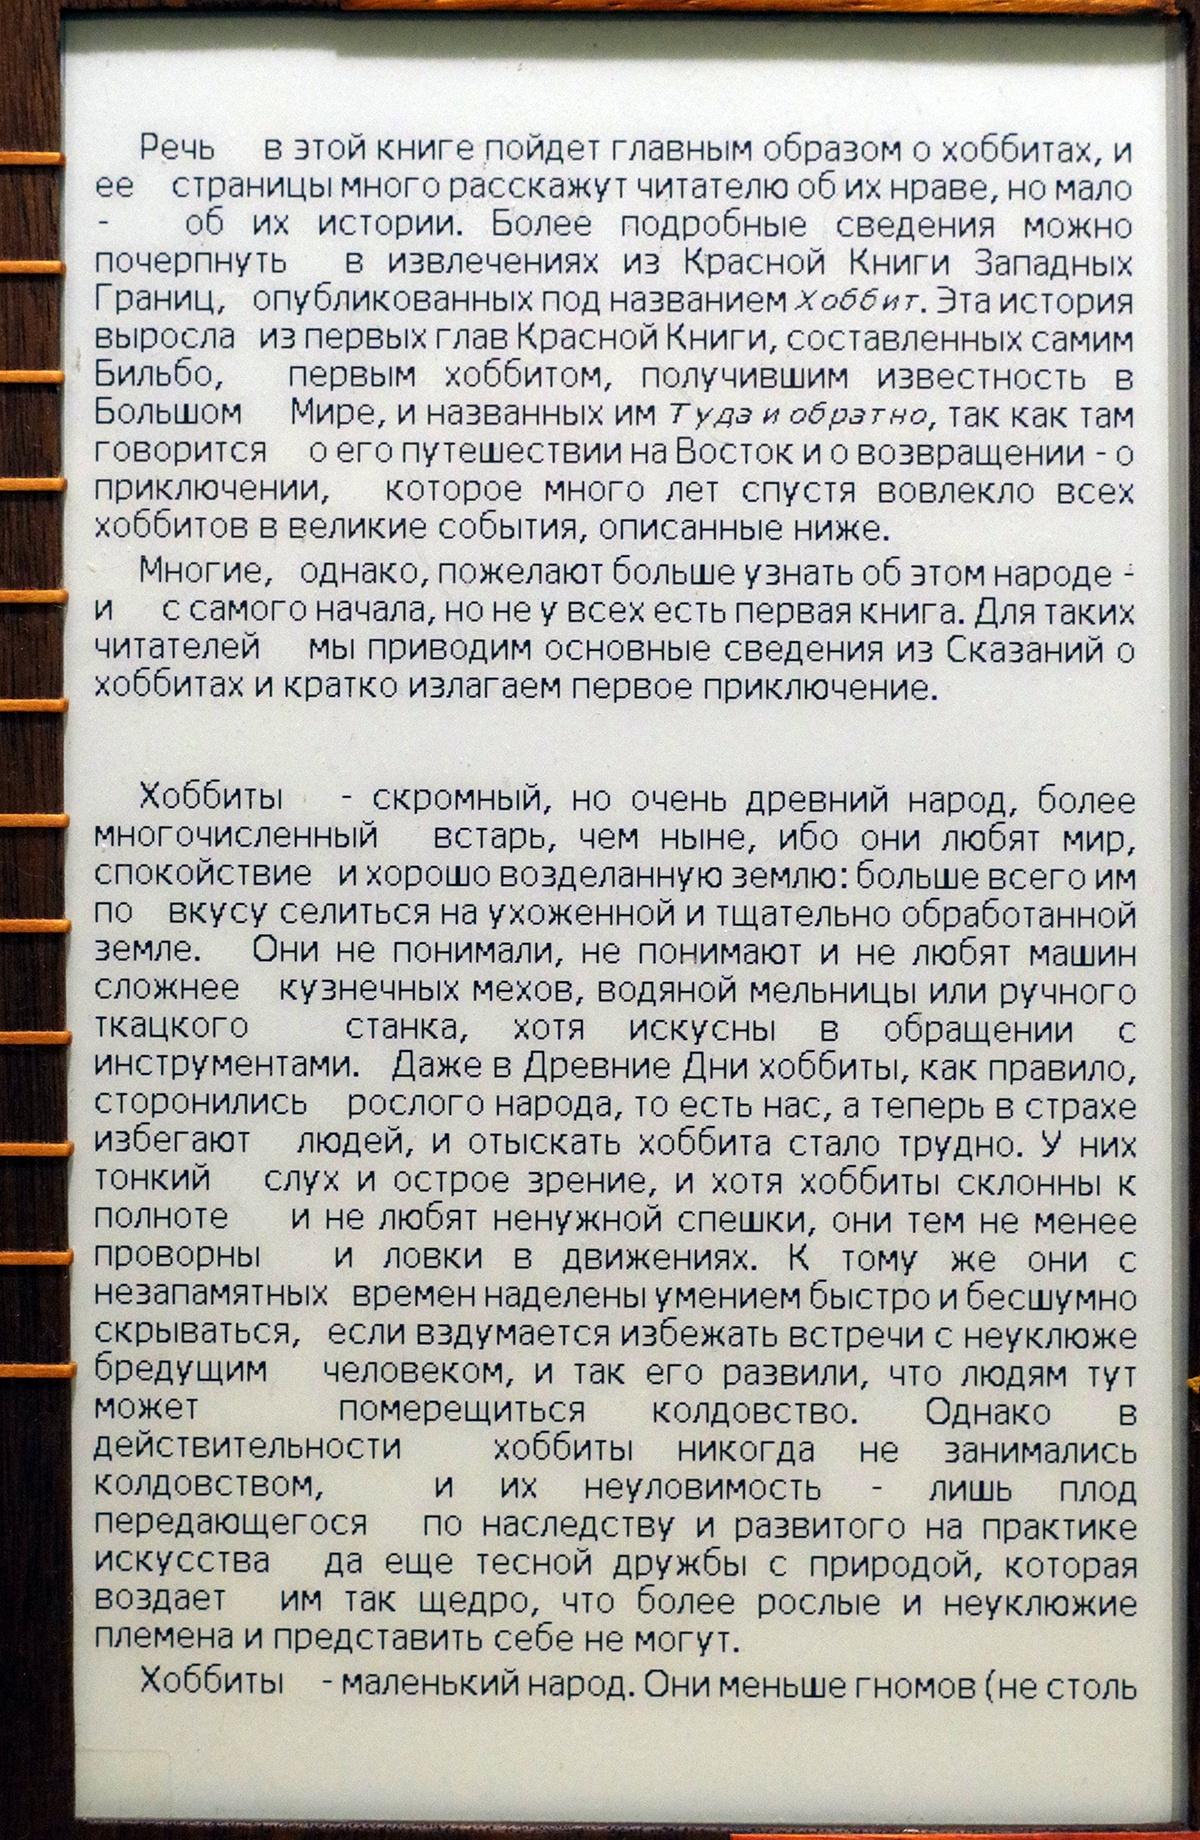 Электронная книга своими руками на STM32H750 от А до Э - 20